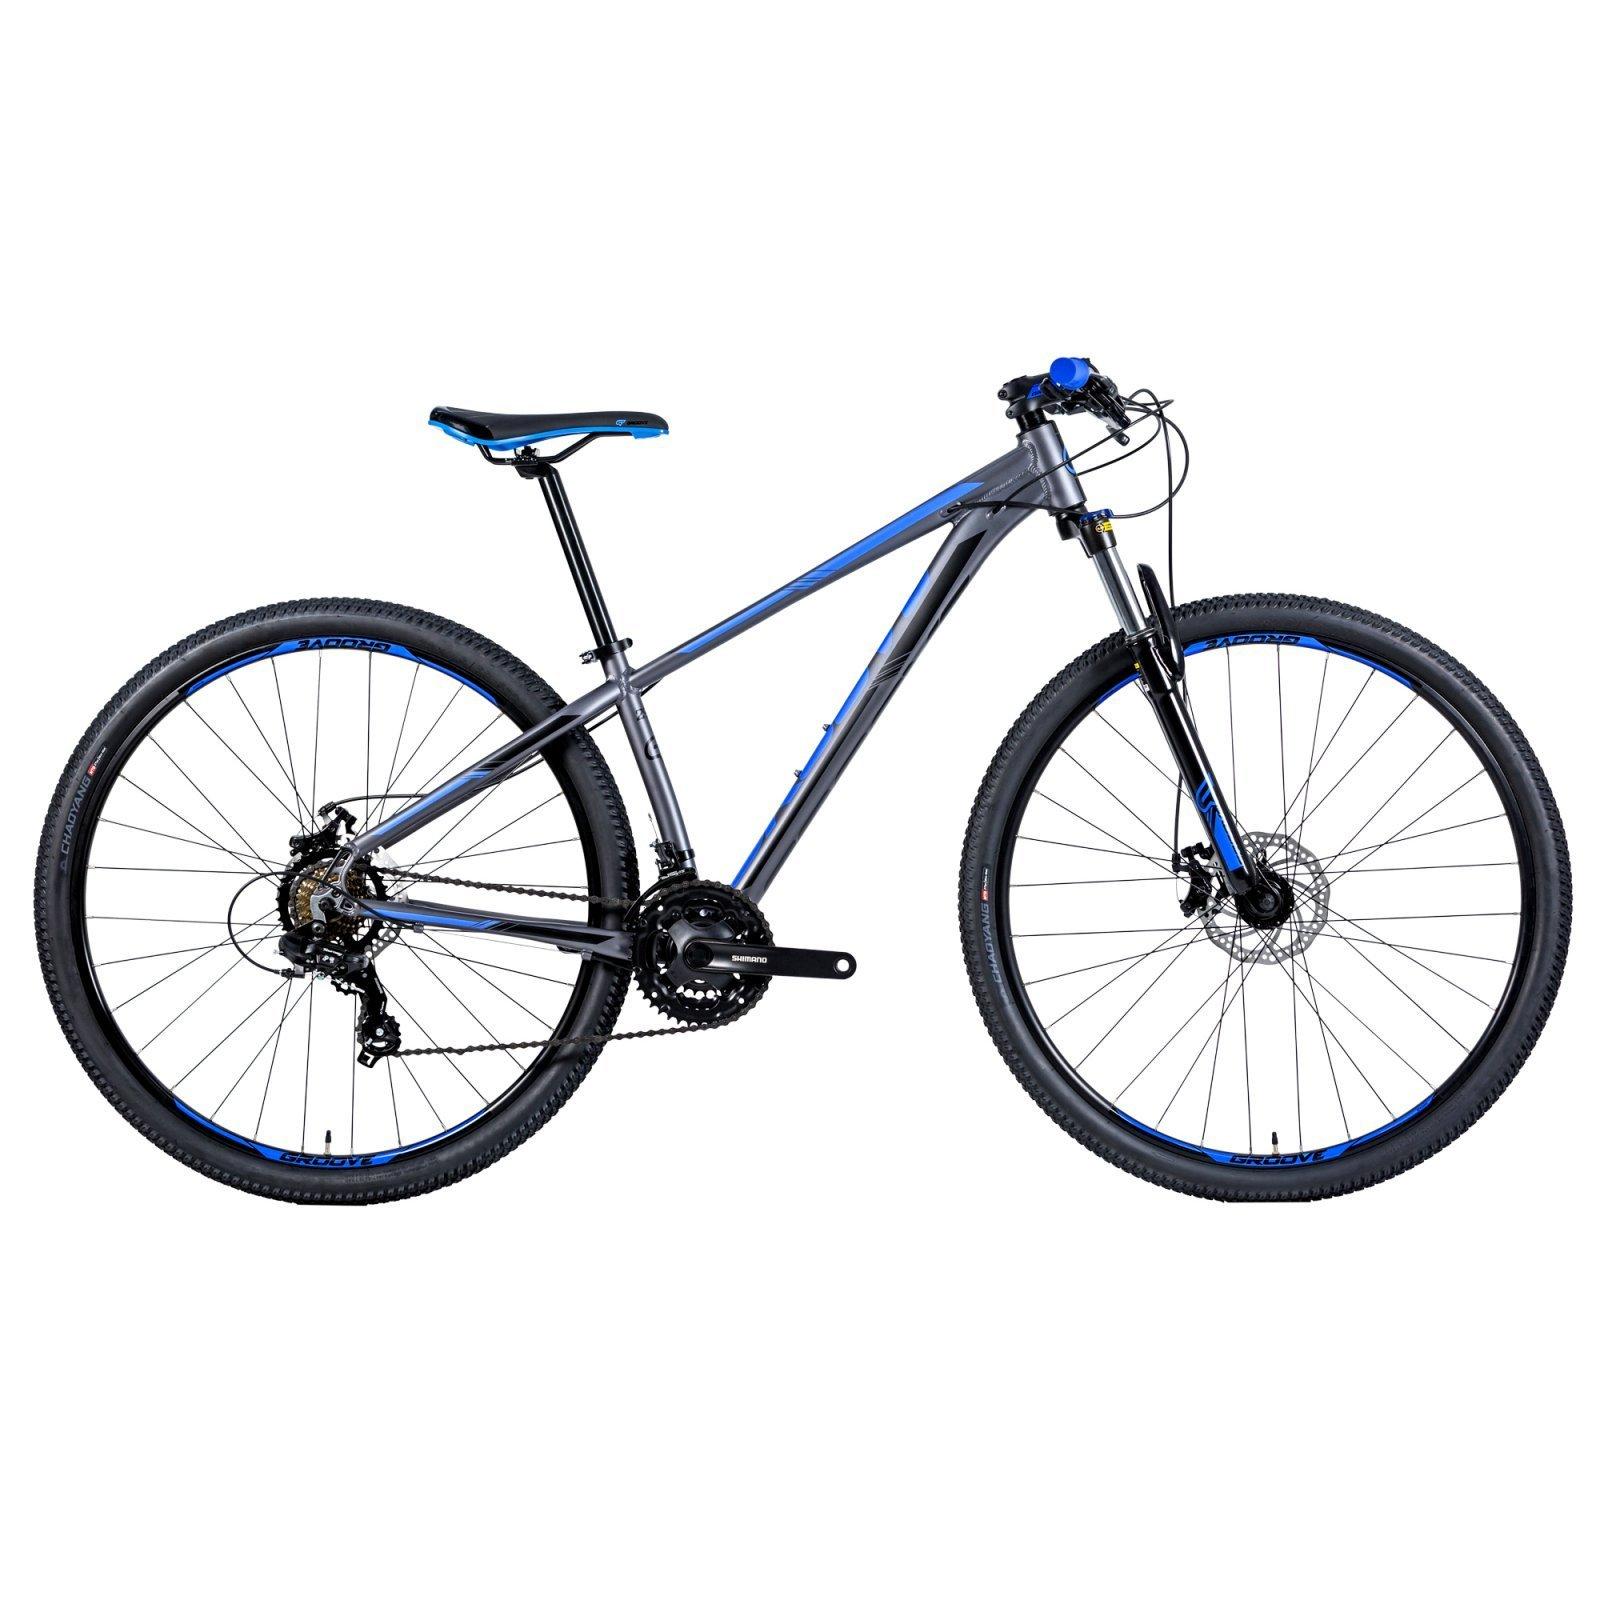 Bicicleta Groove Hype 10 21 vel - 2021